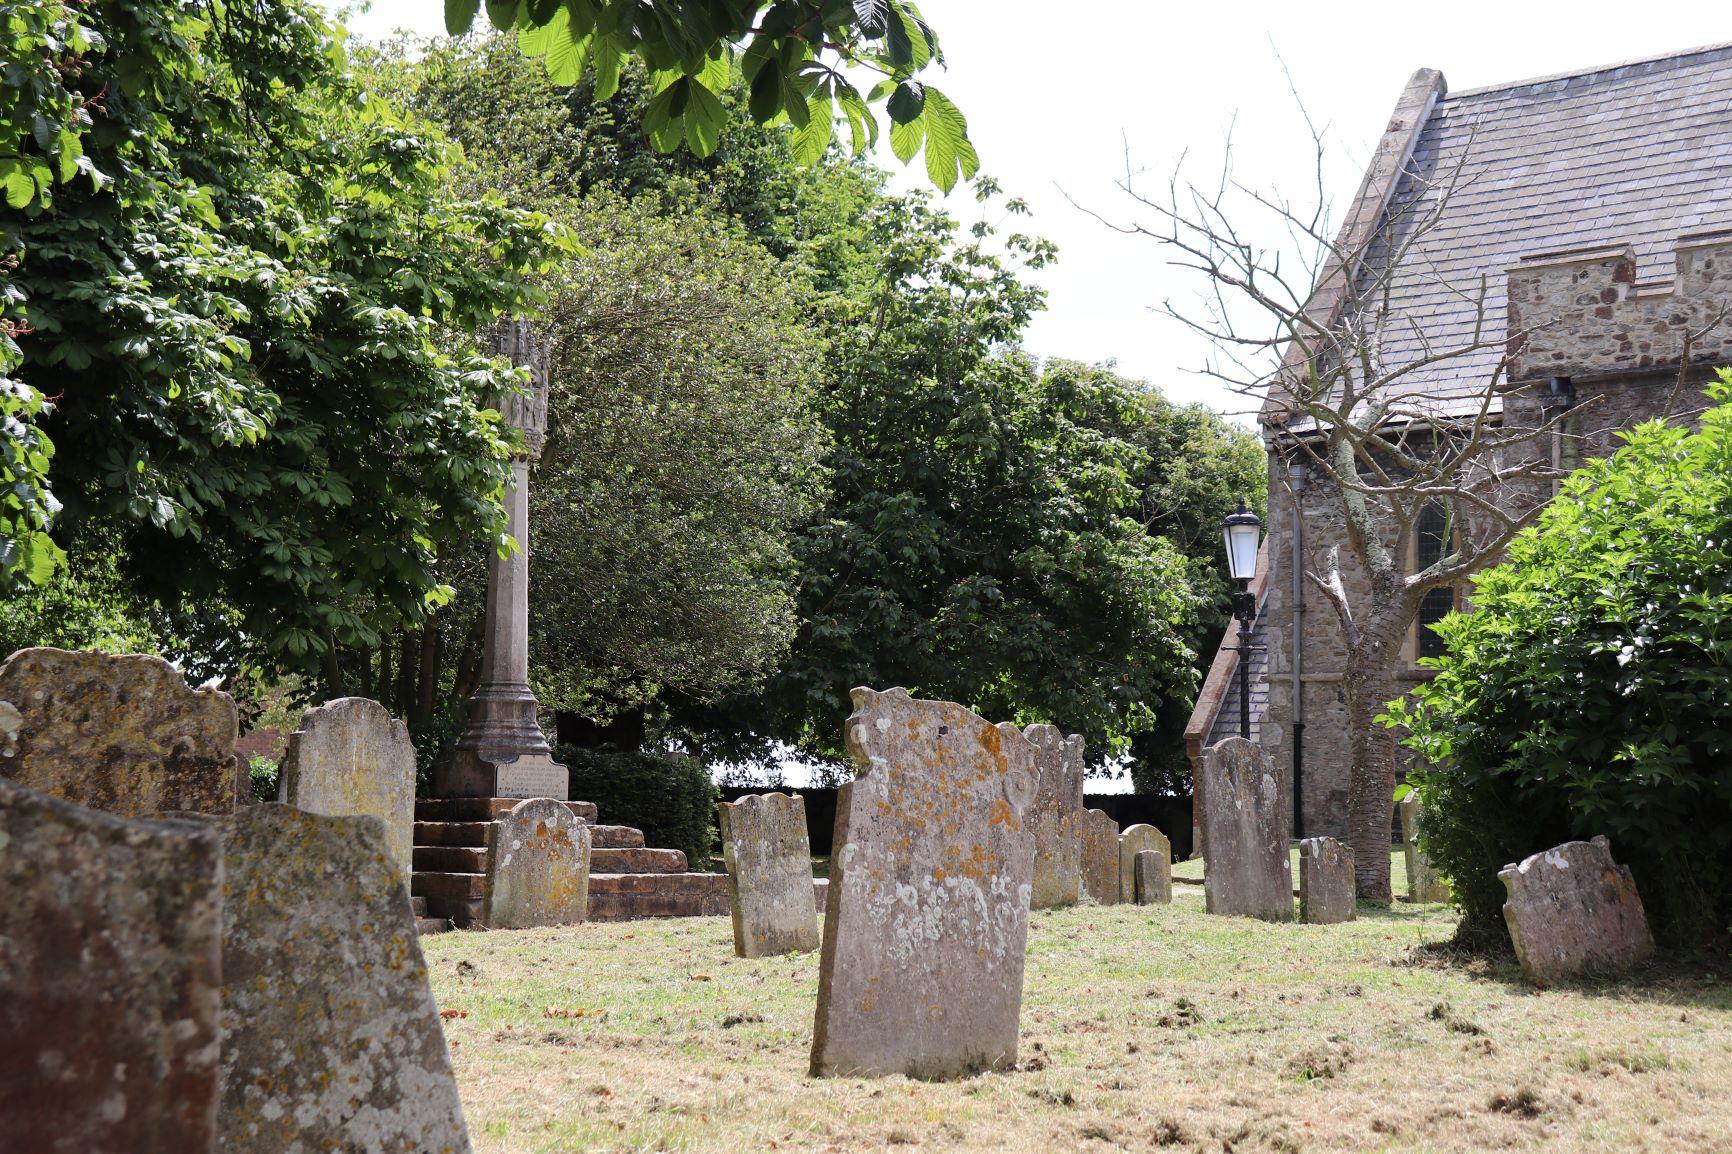 St eanswynne Church yard